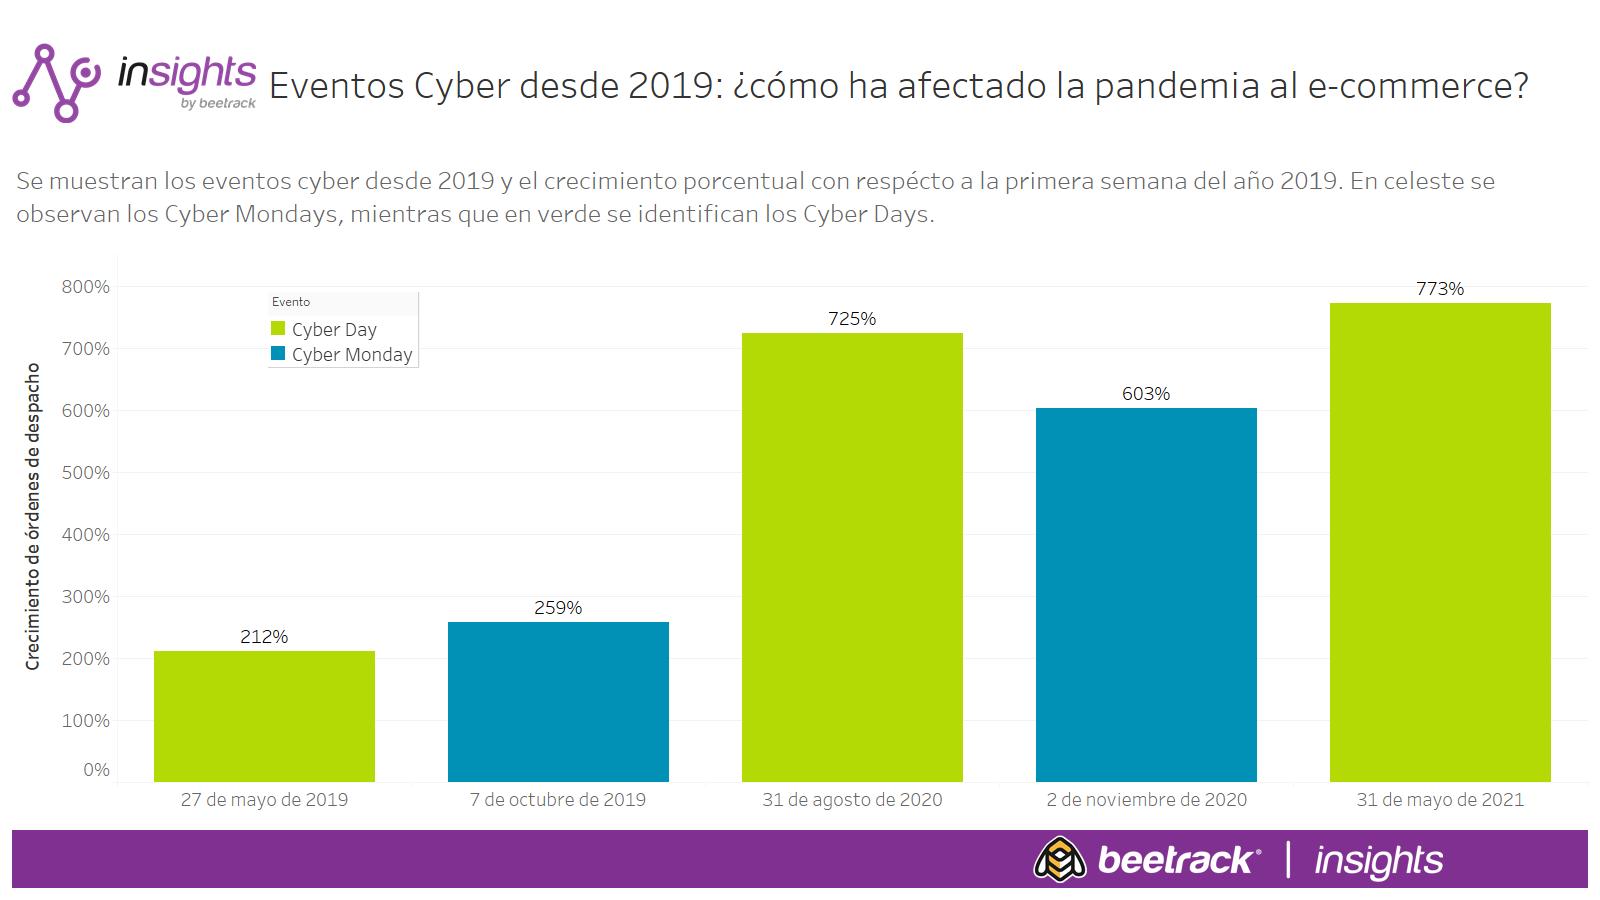 Eventos Cyber desde 2019 ¿cómo ha afectado la pandemia al e-commerce